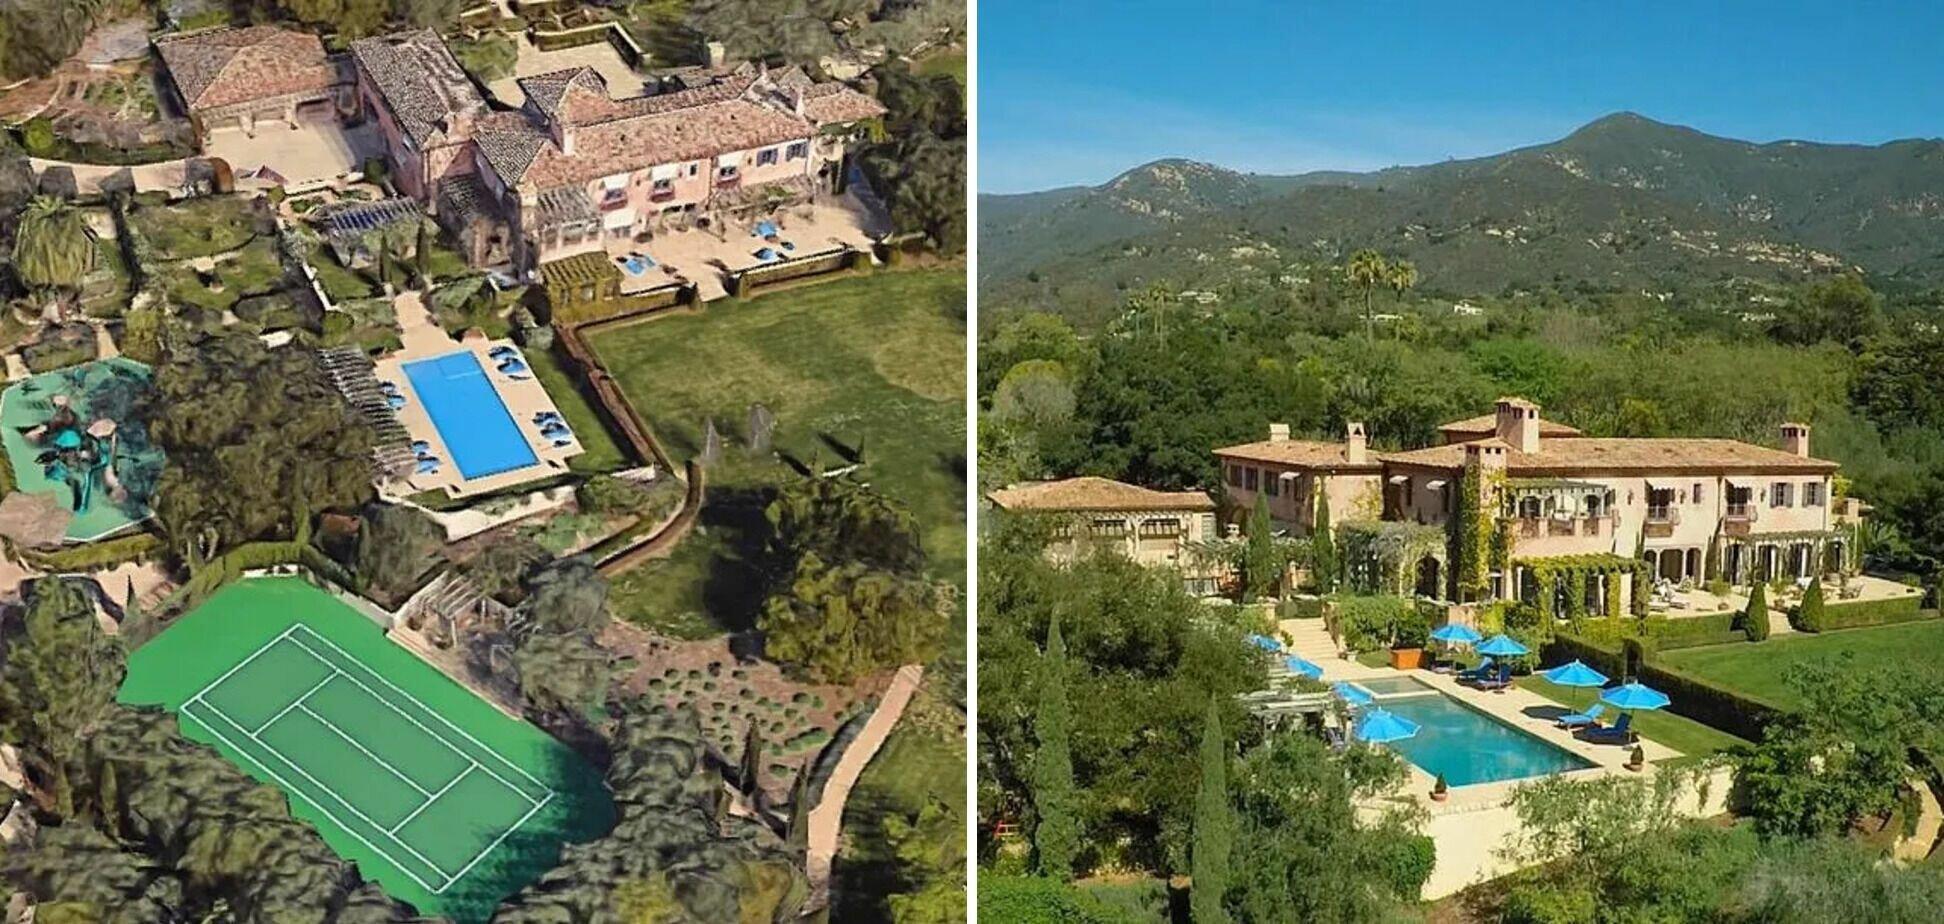 Принц Гарри и его супруга Меган Маркл имеют большой особняк в Калифорнии